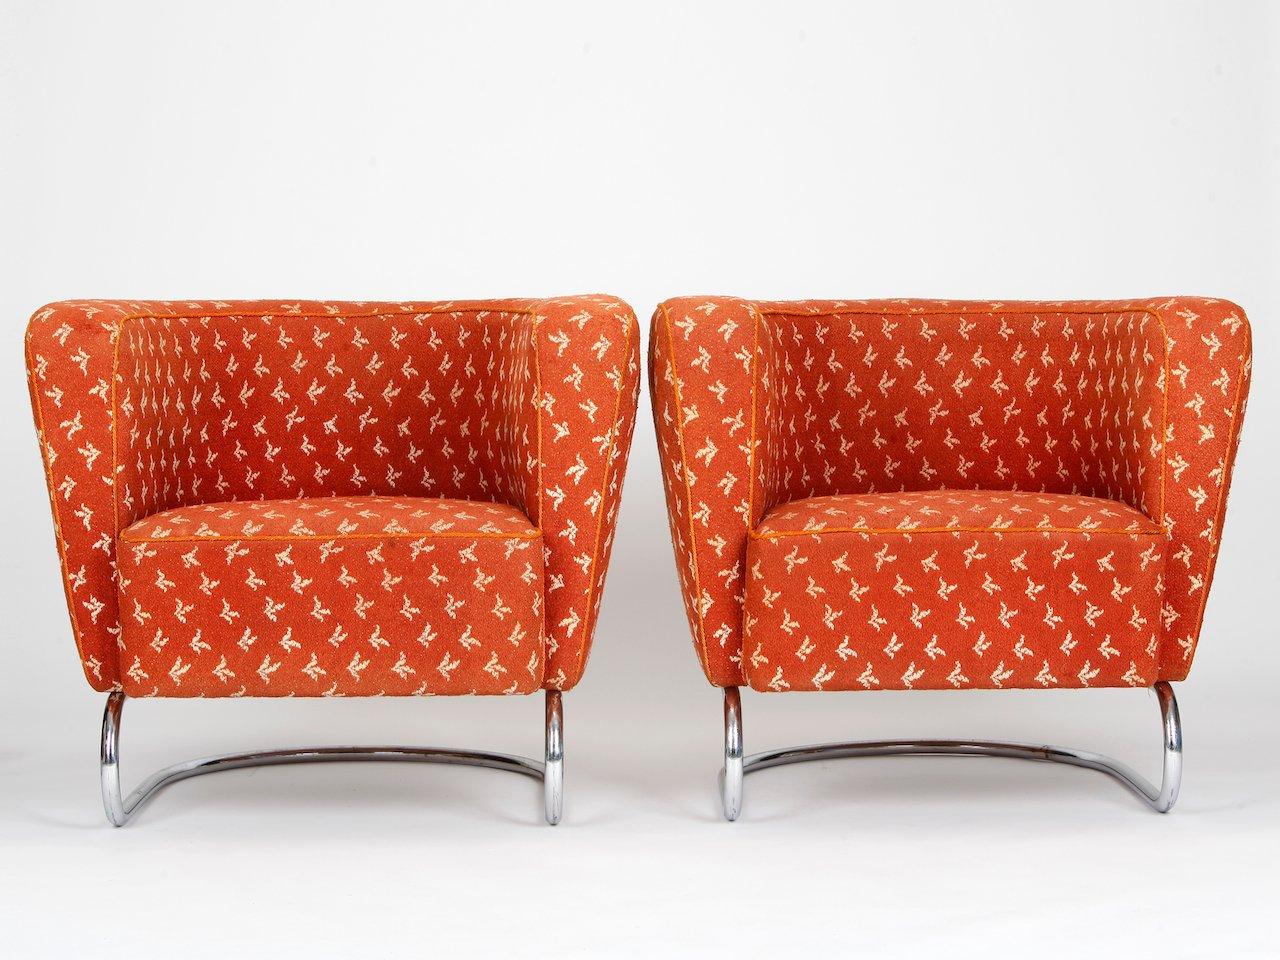 tschechische armlehnensessel aus rotem stoff und stahlrohr 1930 2er set bei pamono kaufen. Black Bedroom Furniture Sets. Home Design Ideas